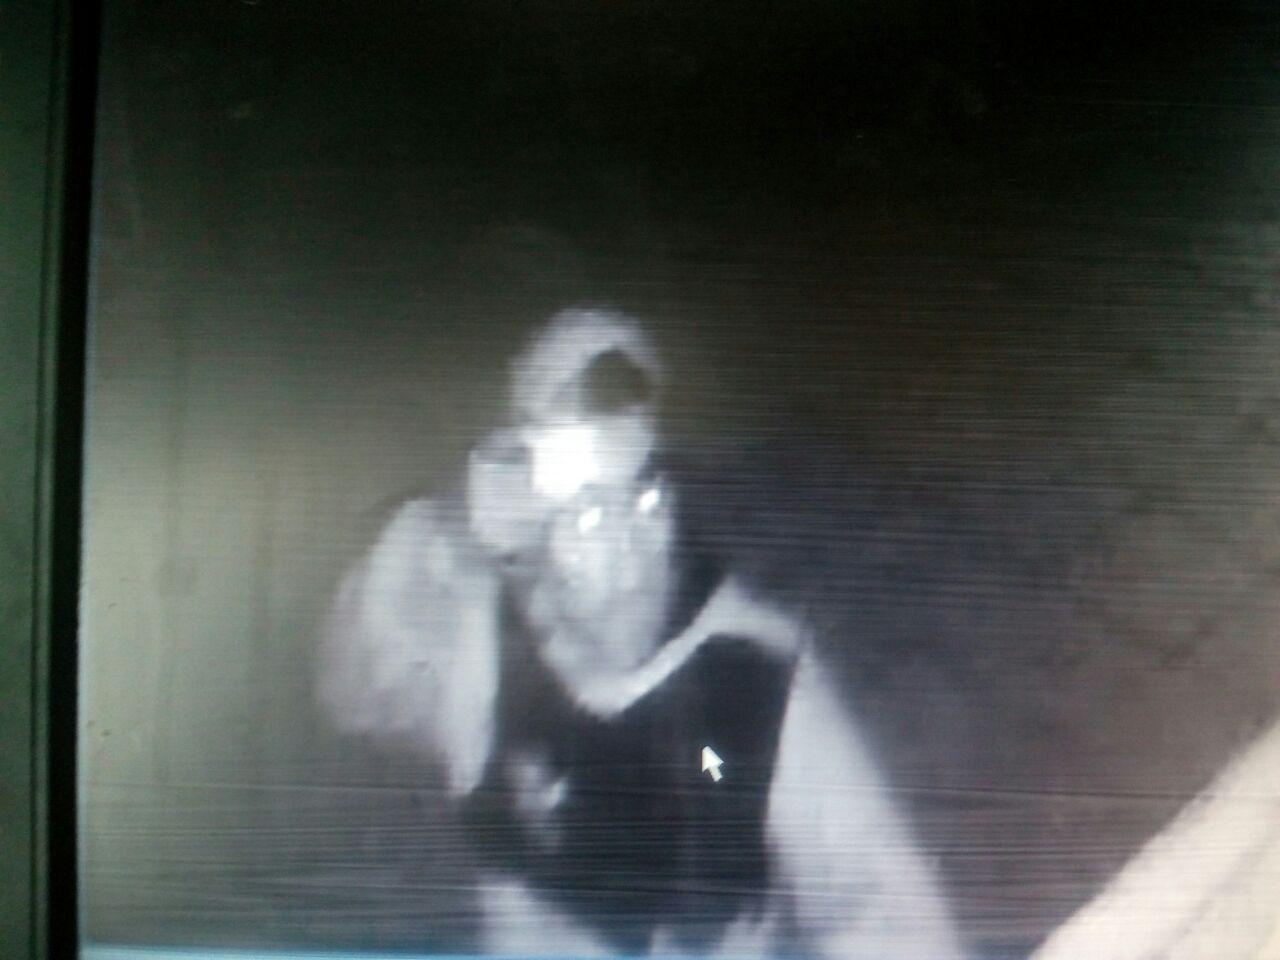 El ladrón robó documentación de valor.